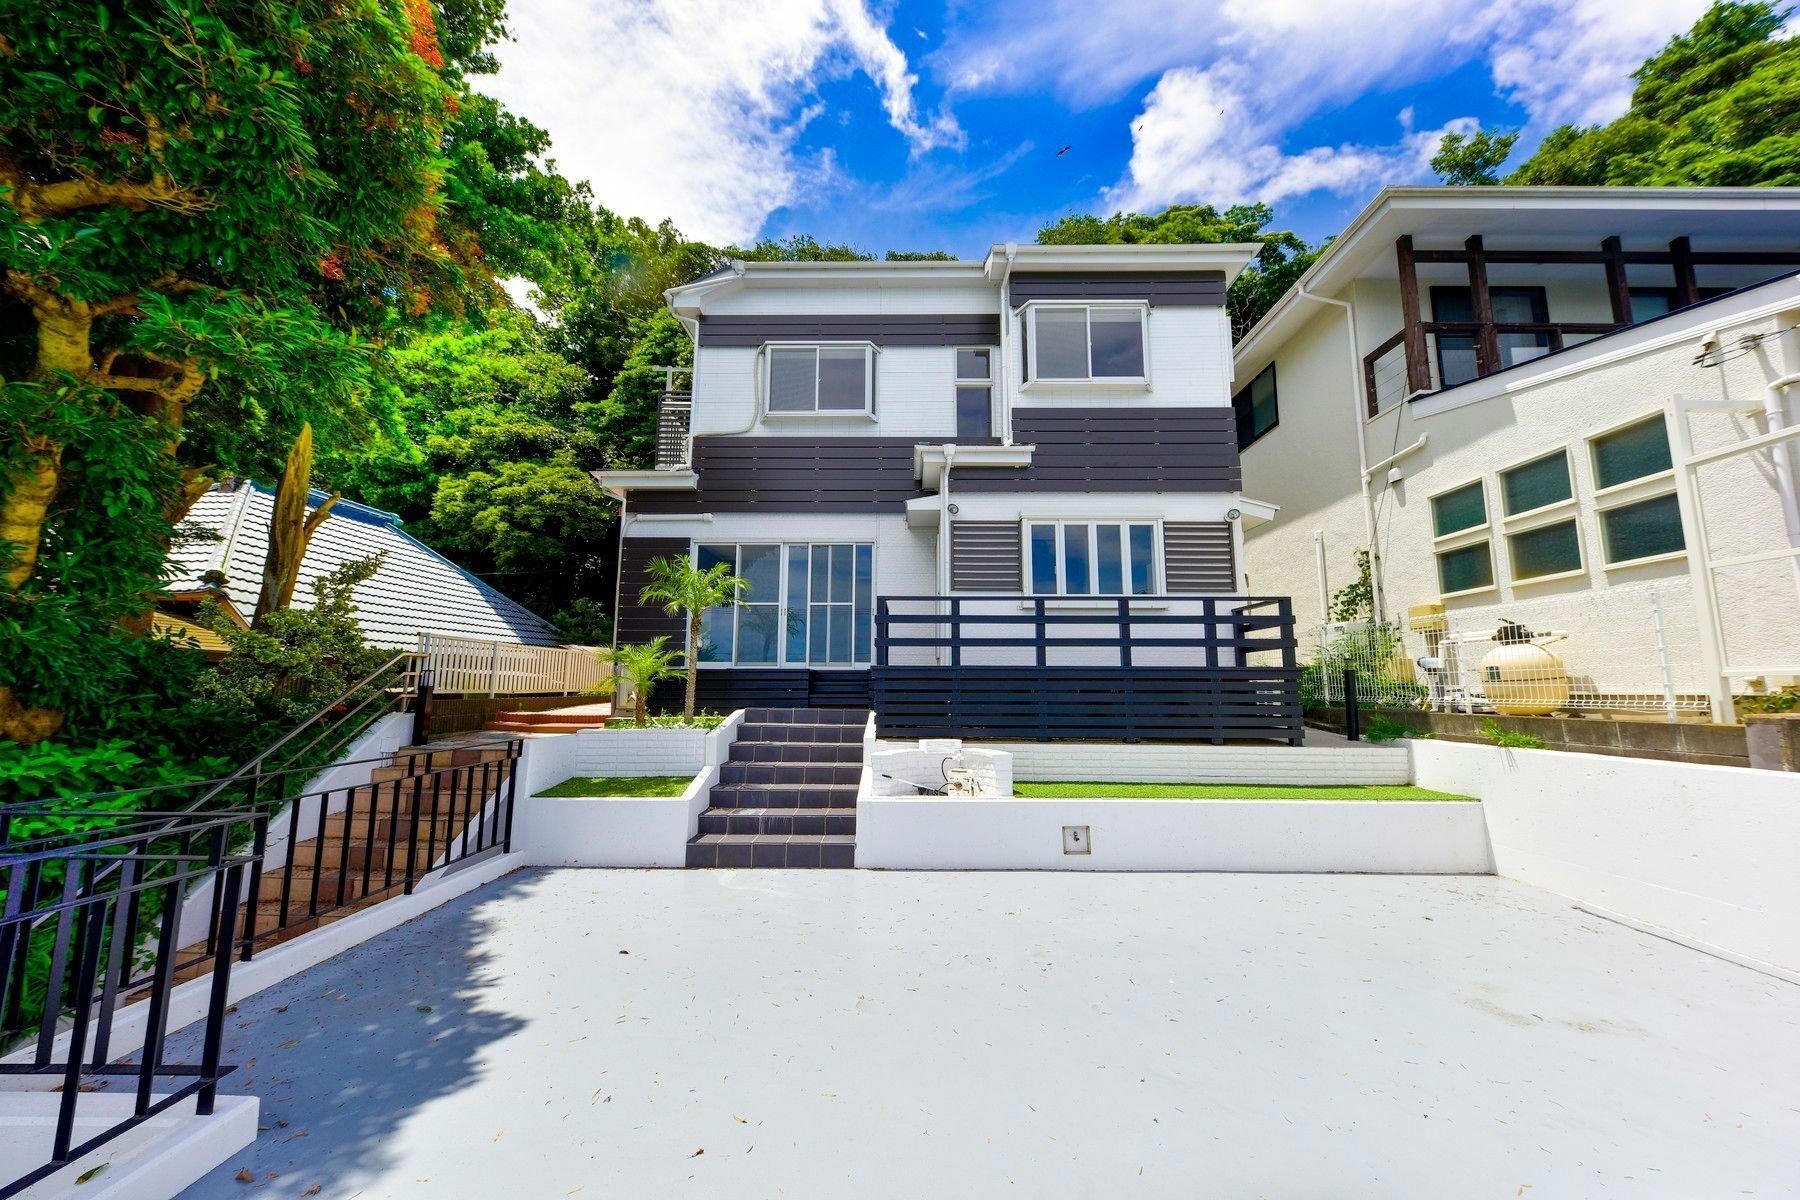 Дом в Миура, Kanagawa, Япония 1 - 11554737